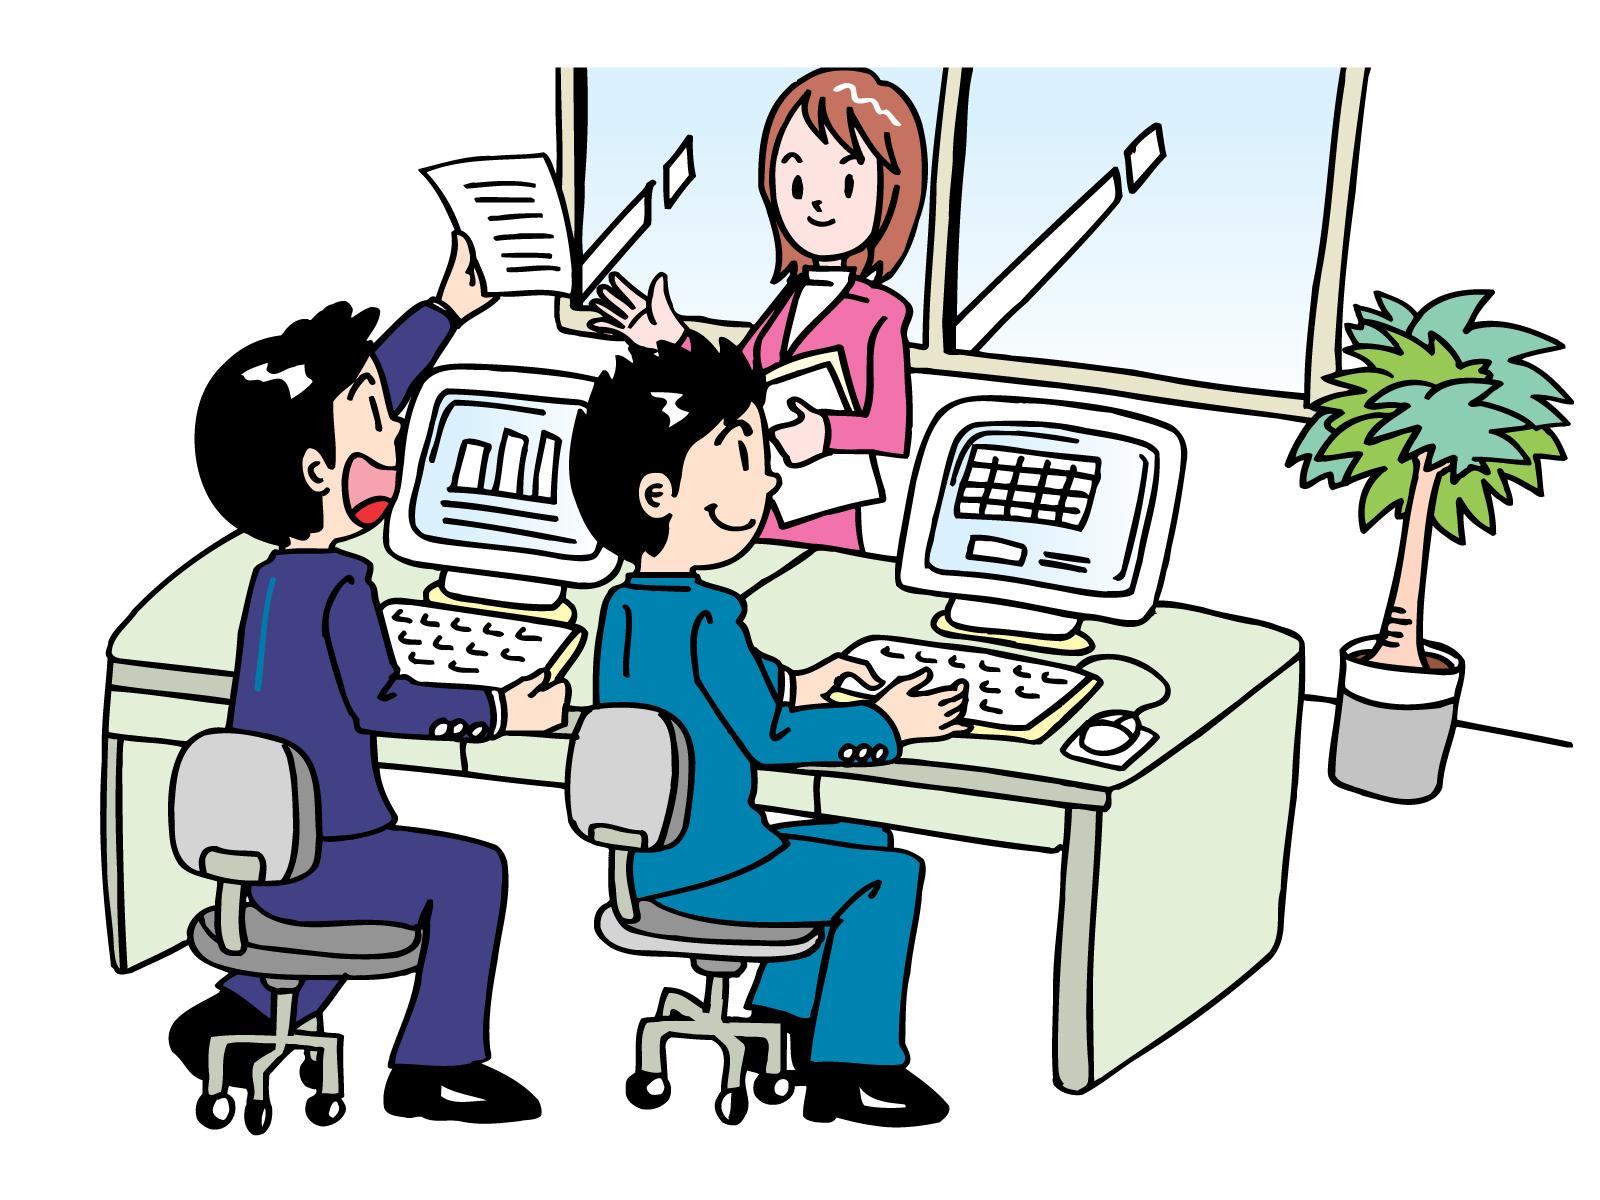 業務の改善策を模索しながらシステム開発